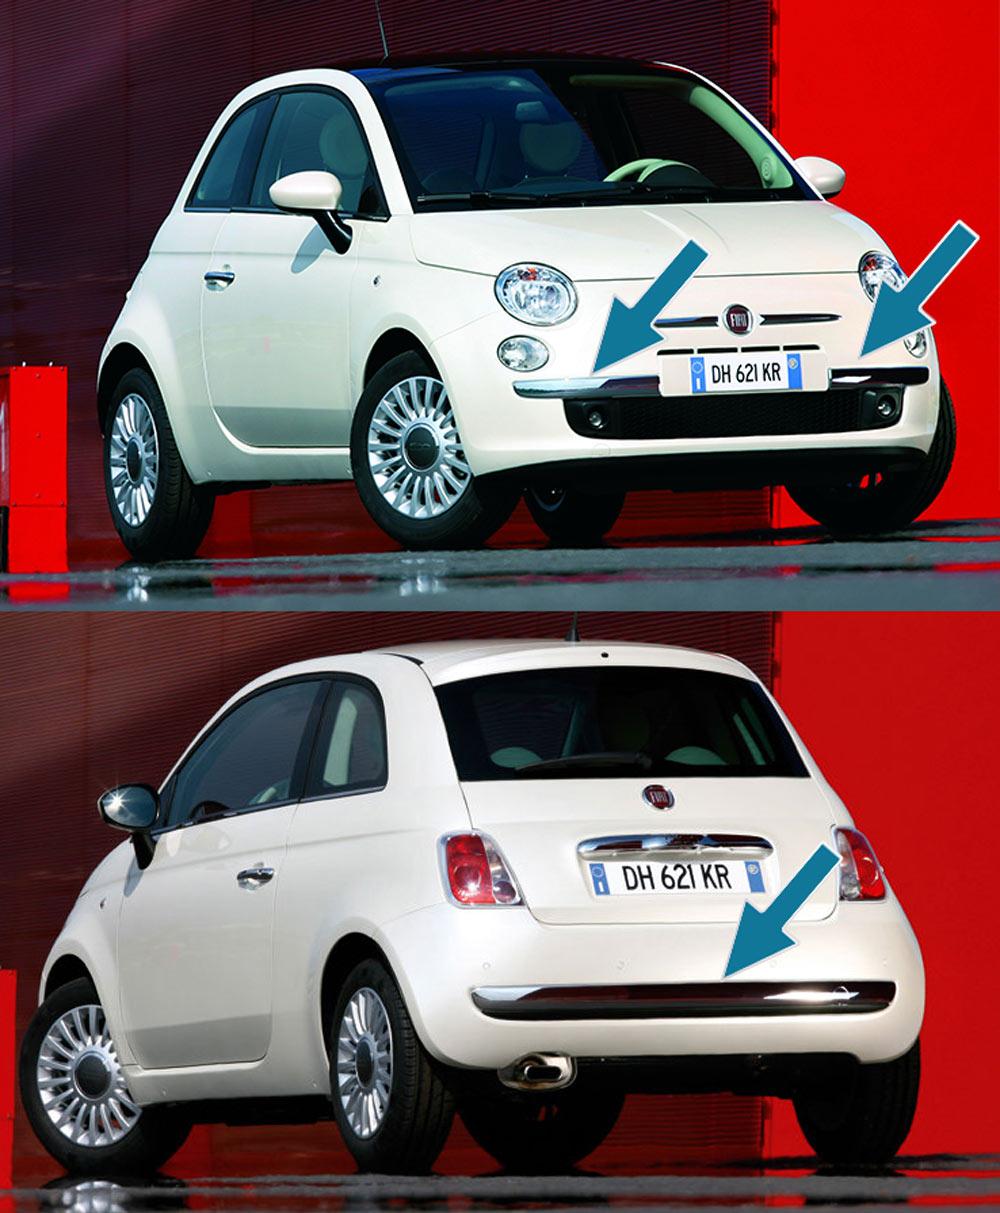 Διακοσμητικά Προφυλακτήρα Χρώμιο Μπροστά Πίσω για Fiat 500 (2007 έως 2015)